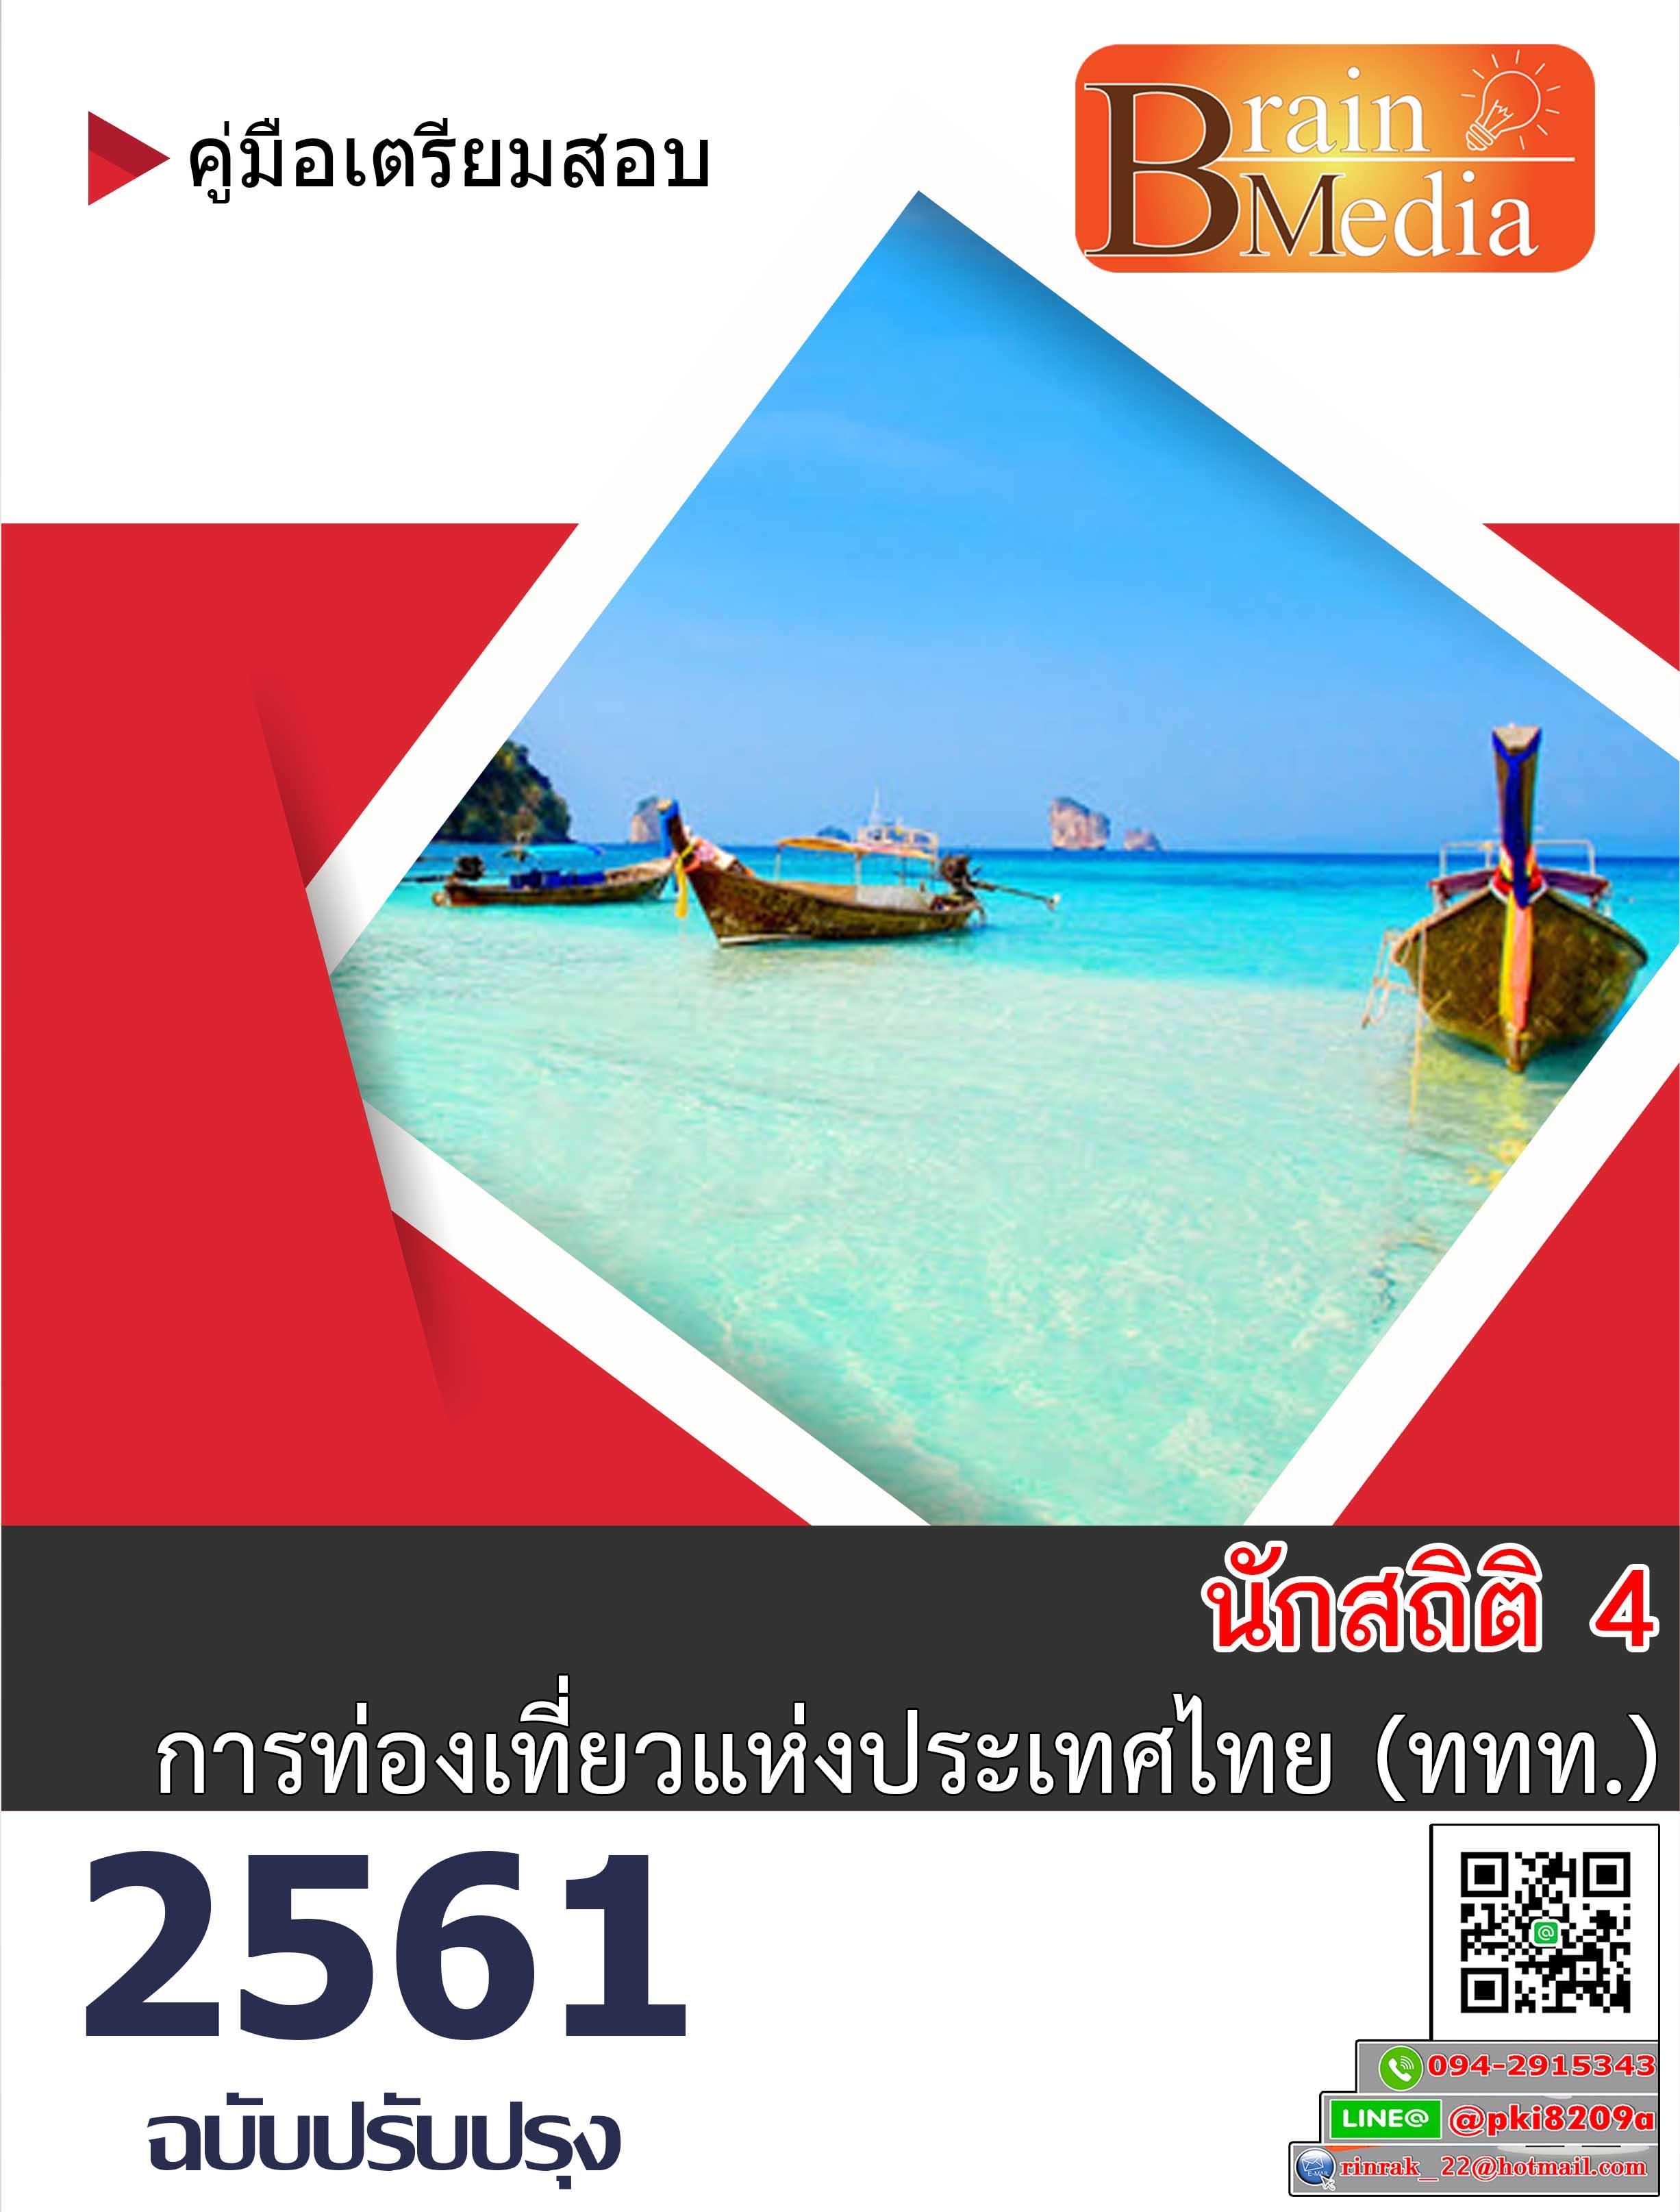 แนวข้อสอบ นักสถิติ 4 การท่องเที่ยวแห่งประเทศไทย (ททท.)